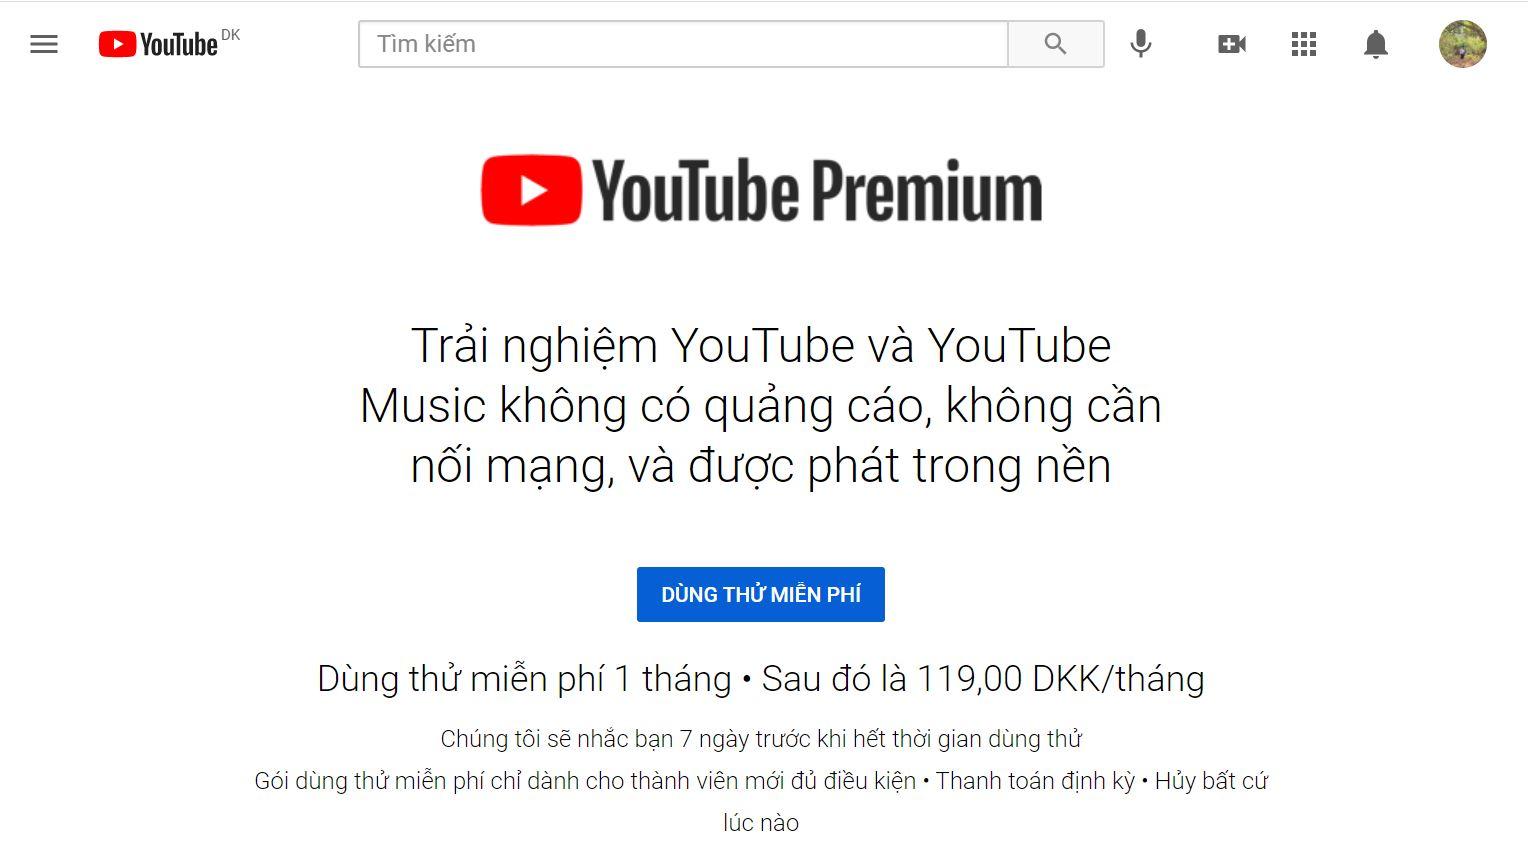 Hướng dẫn cách đăng ký YouTube Premium tại Việt Nam